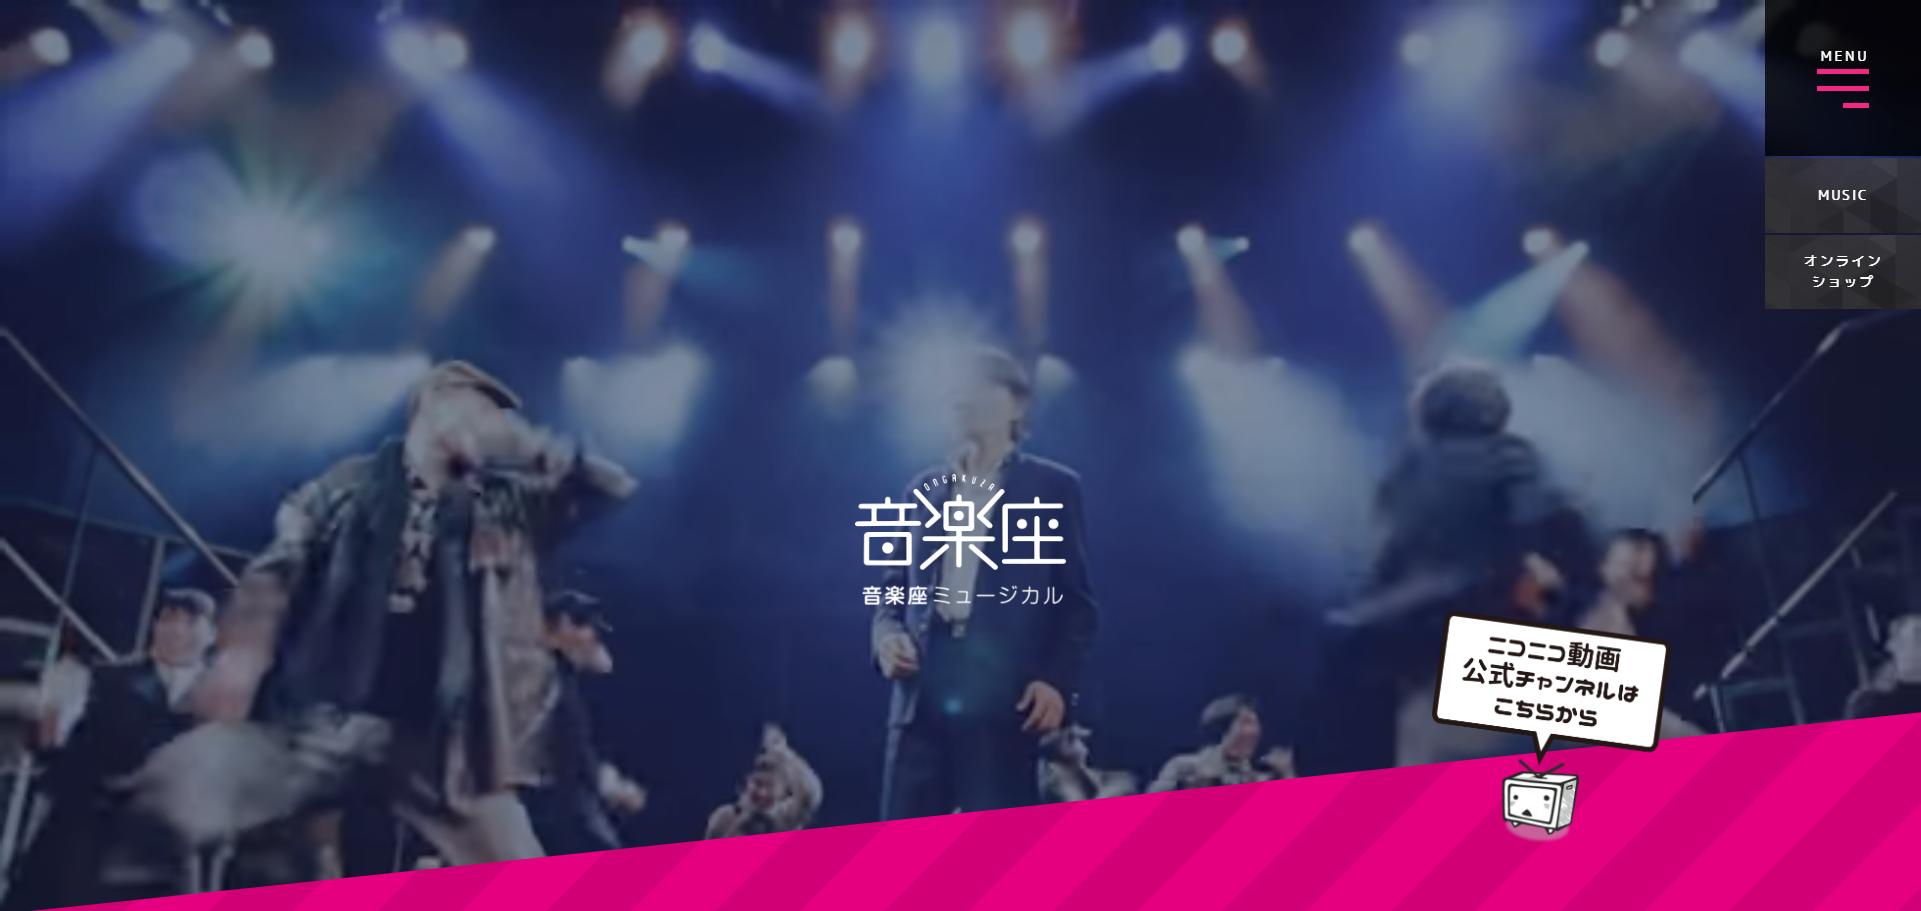 音楽座ミュージカル - www.ongakuza-musical.com